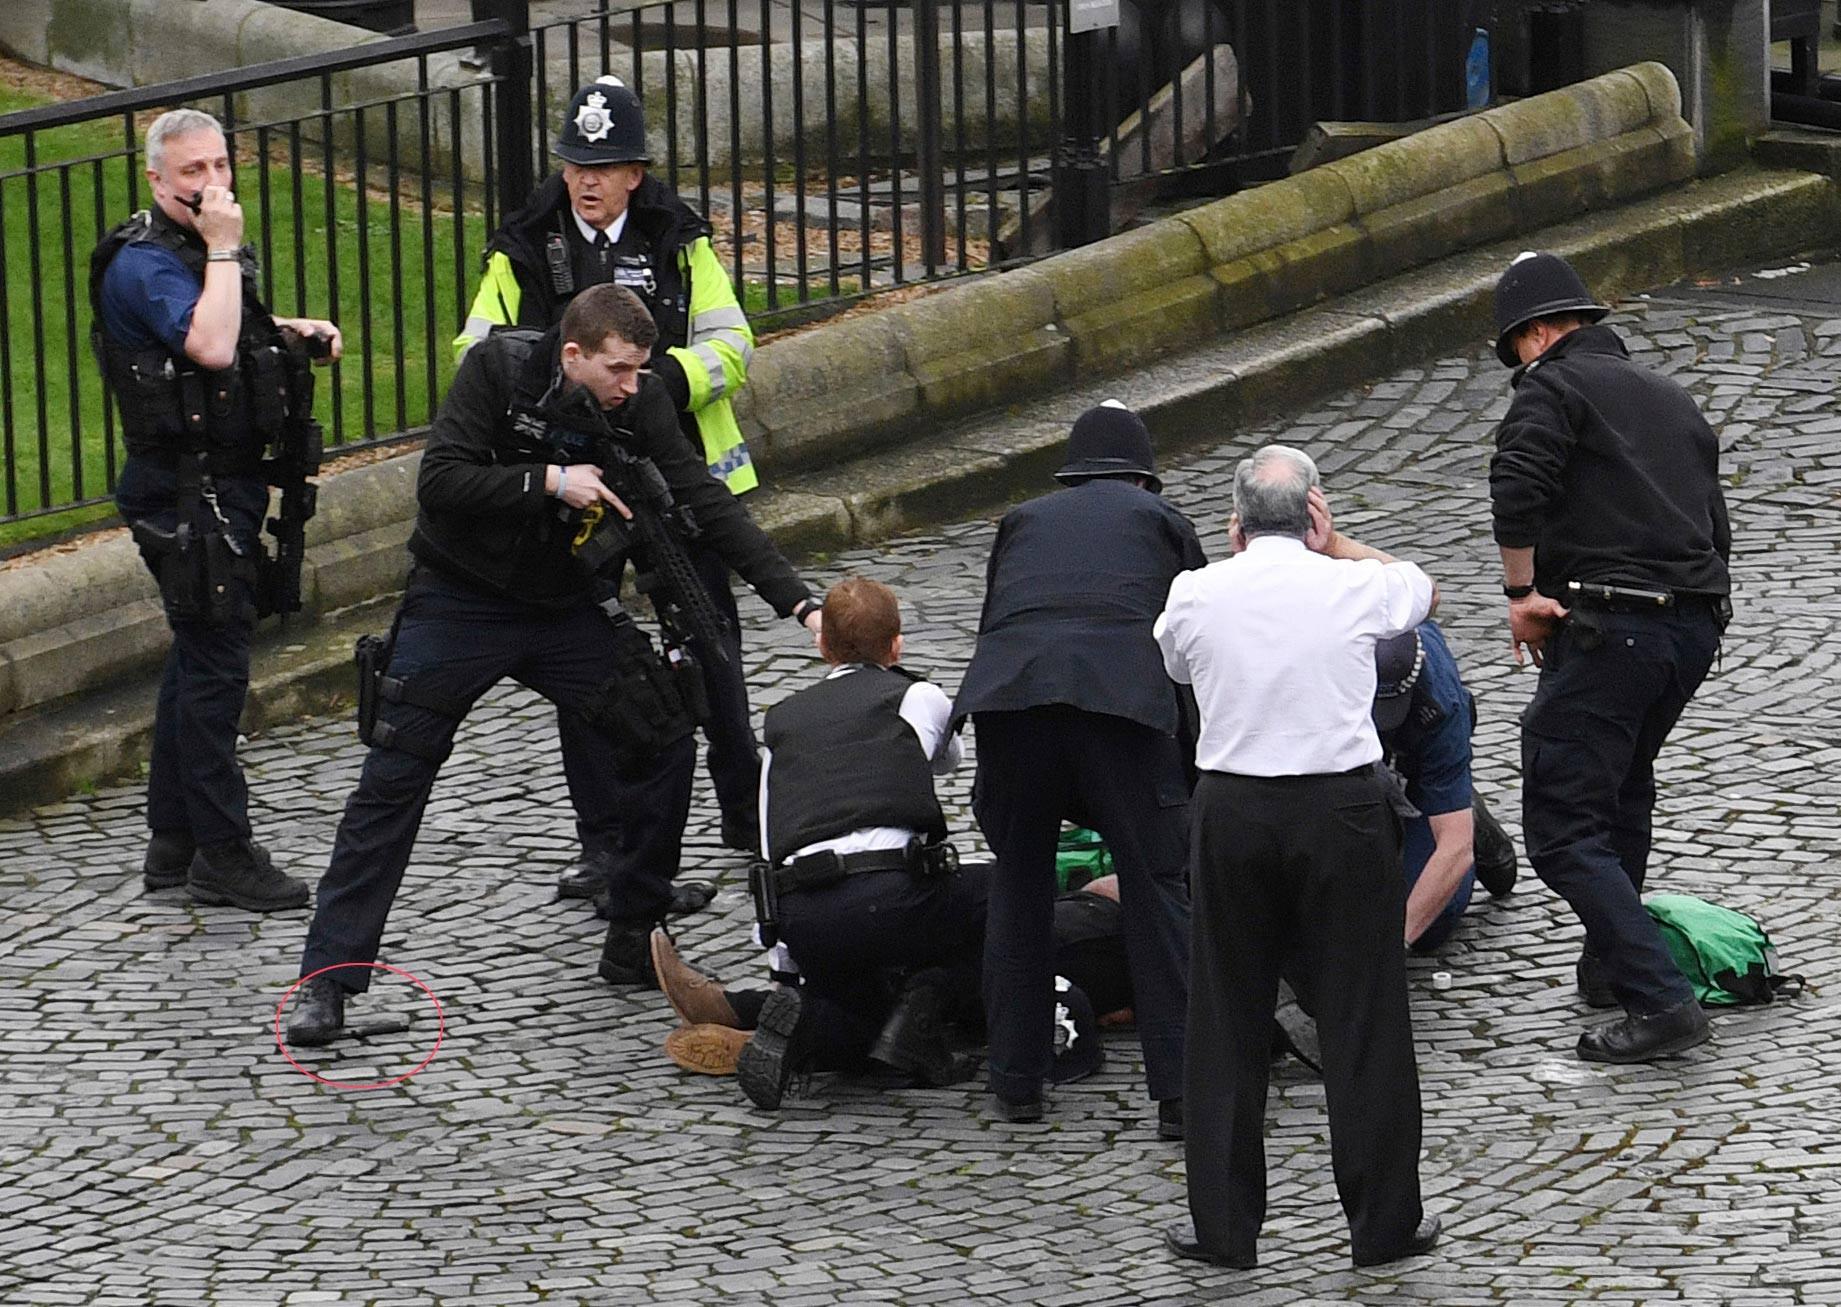 Vídeo mostra momento em que mulher cai de ponte no rio Tâmisa durante ataque em Londres